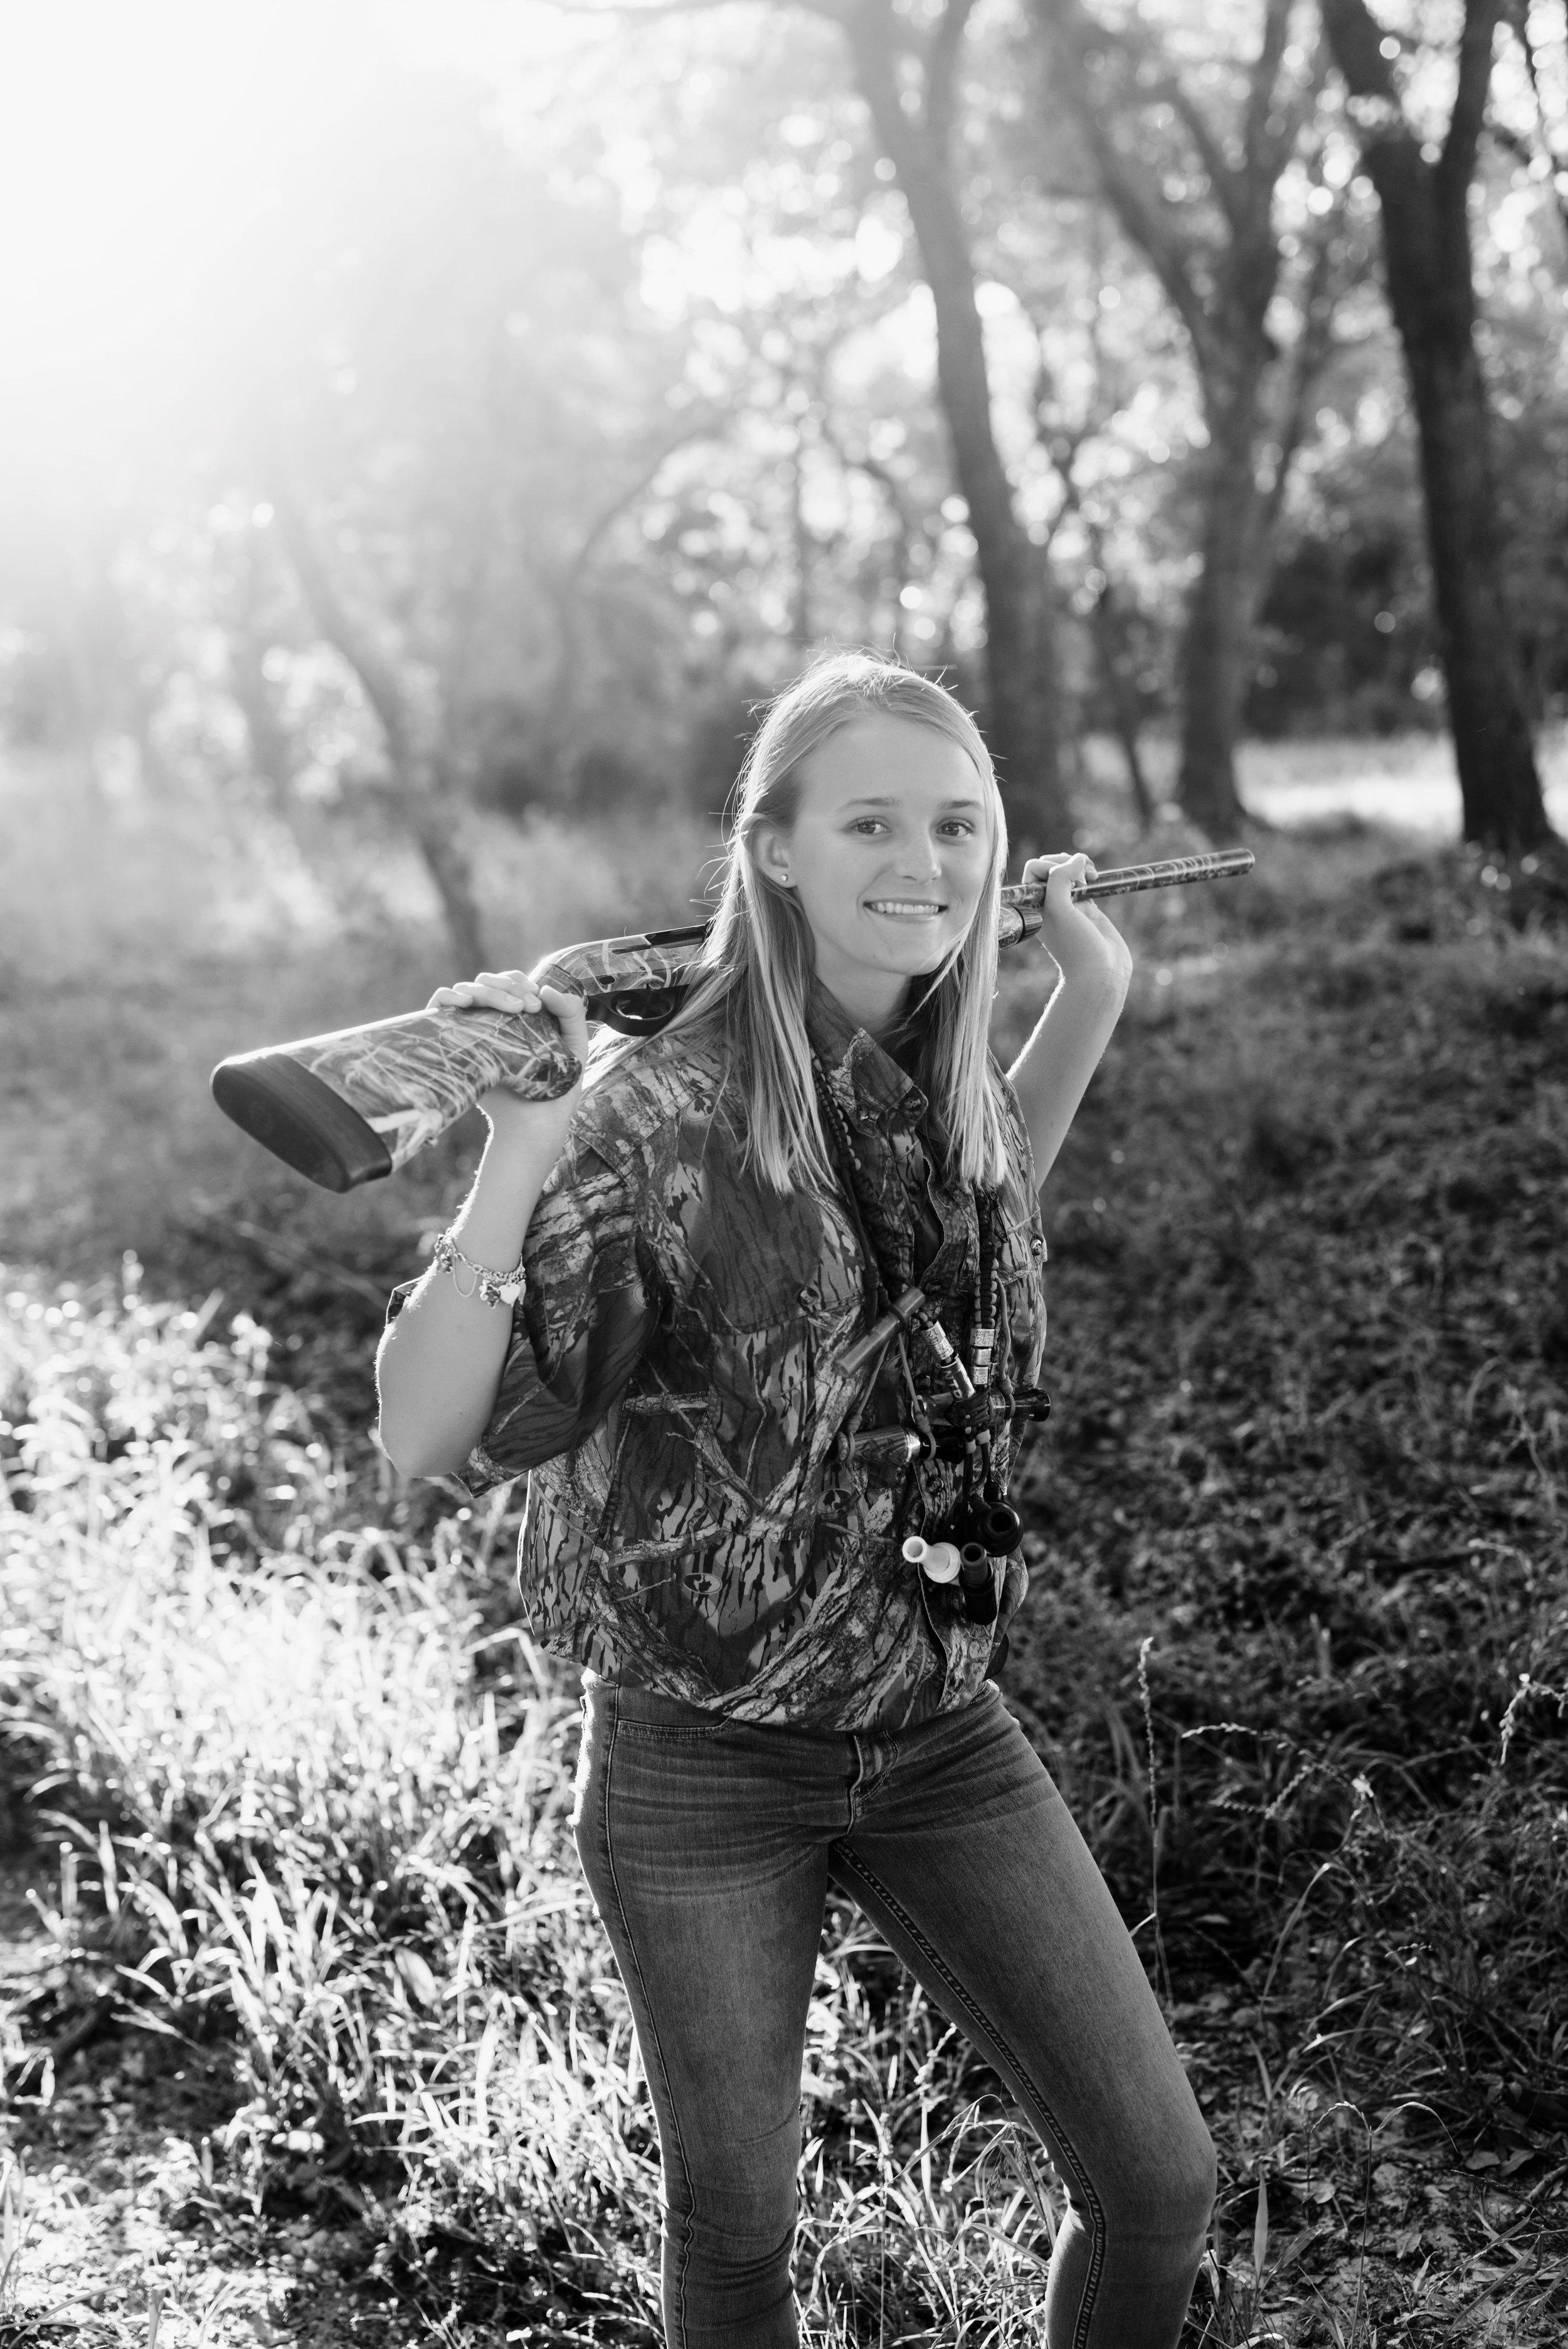 senior girl with gun photos